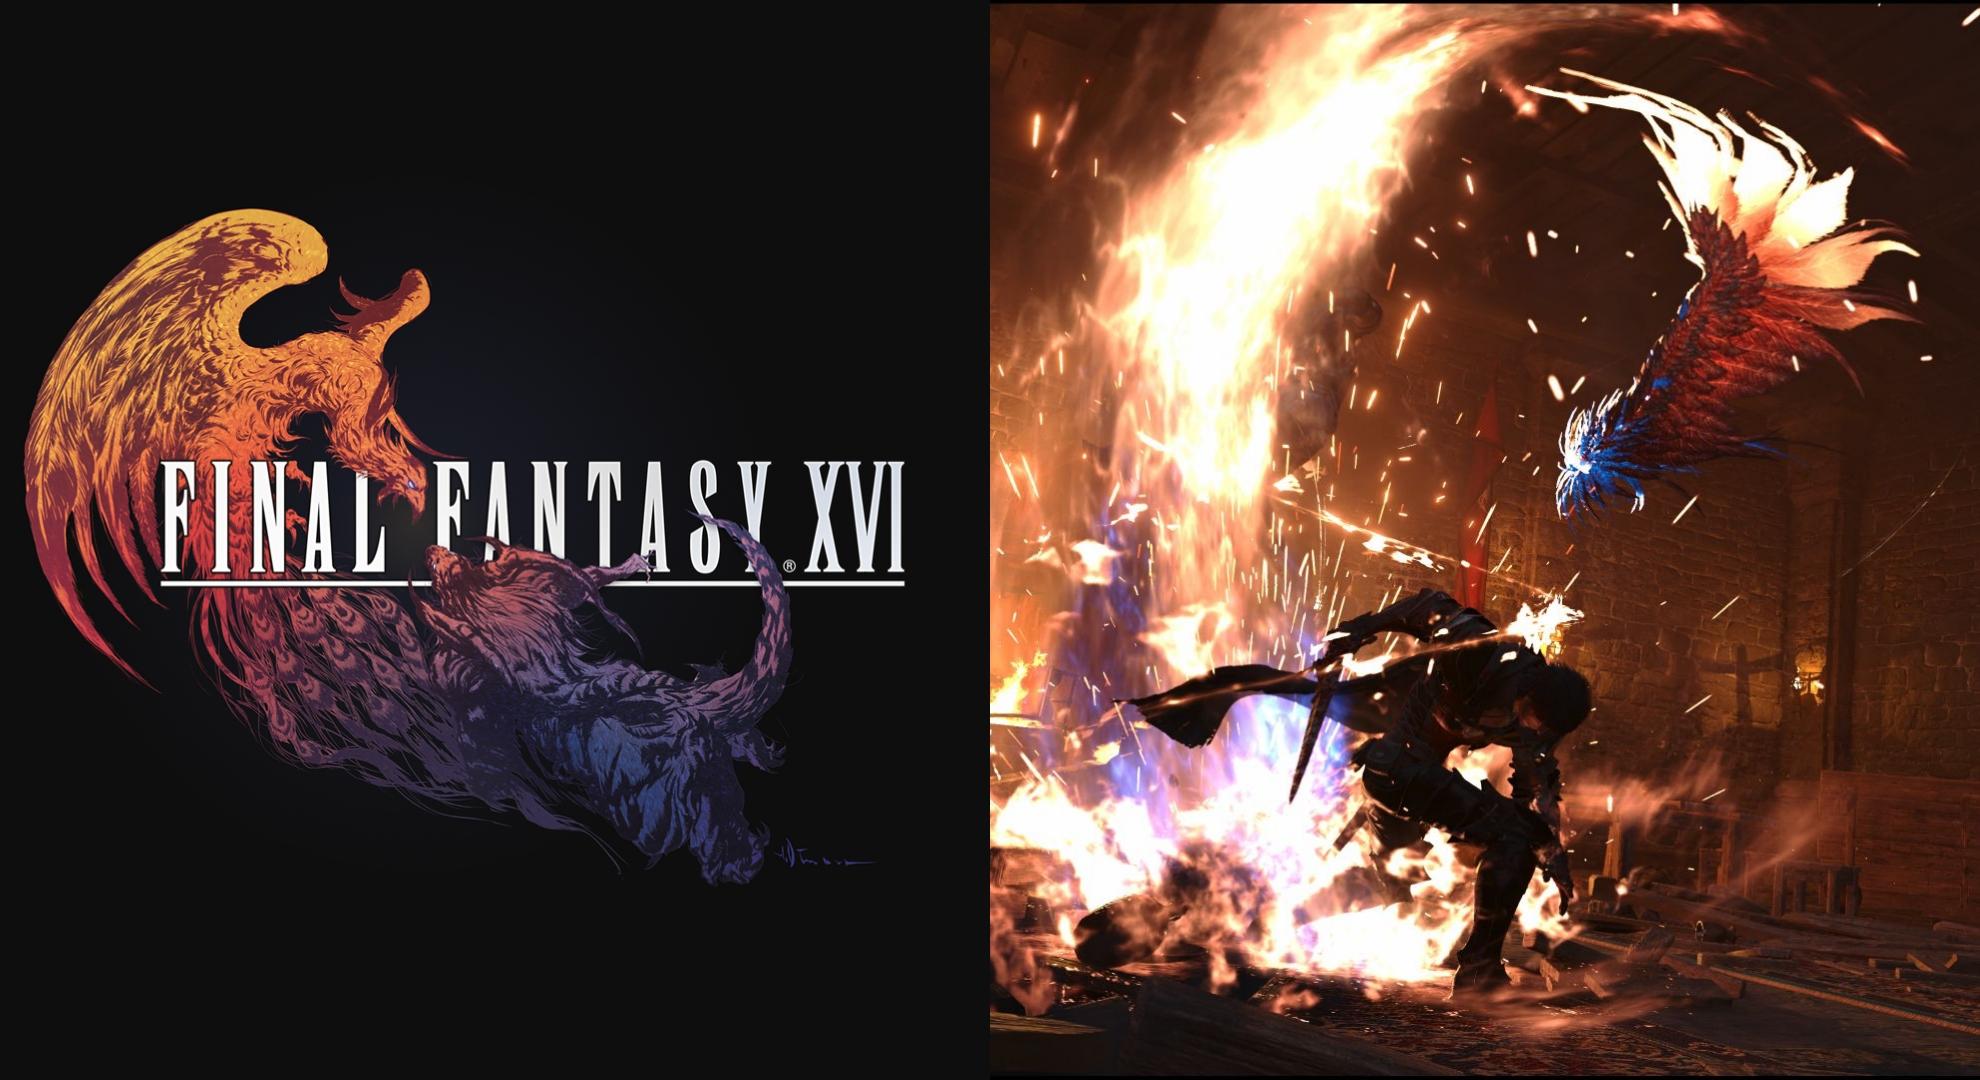 荷包守不住!Final Fantasy、惡靈古堡等 5 款「2021 遊戲大作」推薦,最後一款太欠玩!